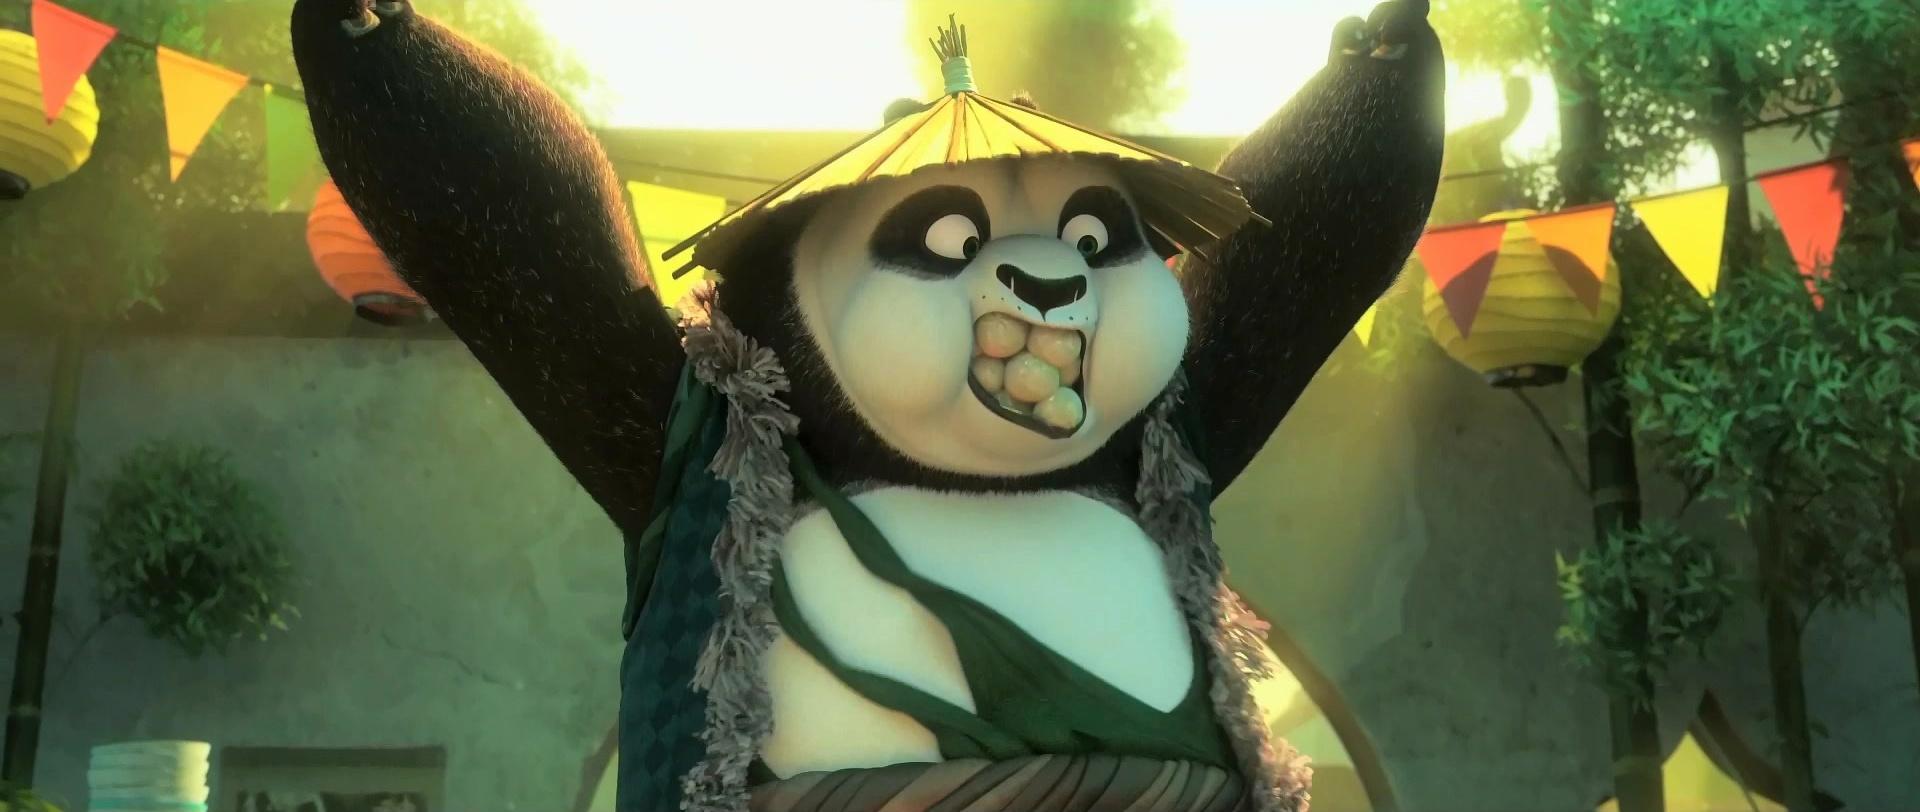 功夫熊猫3电影中文版 功夫熊猫3电影完整版 功夫熊猫3大电影观看